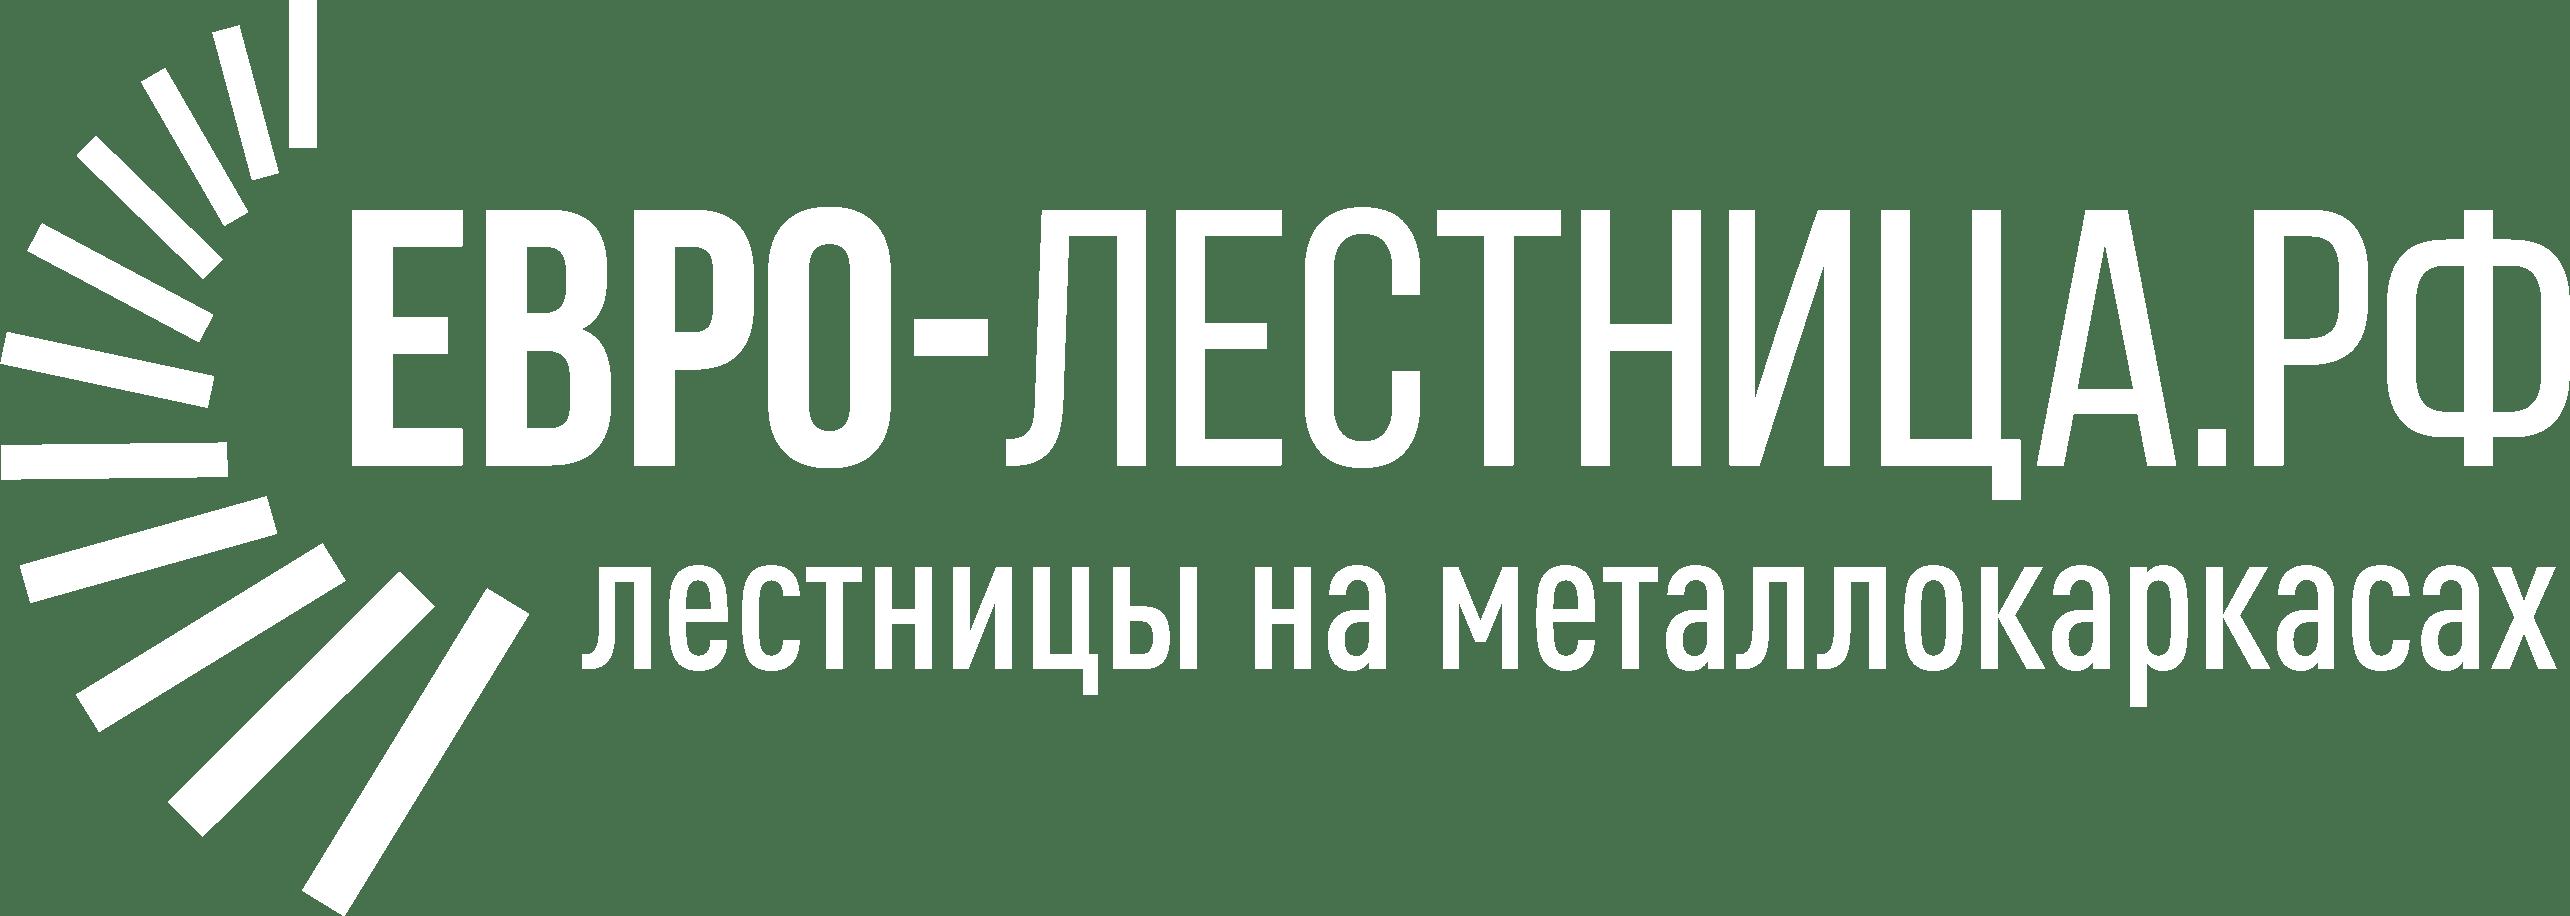 Евро-Лестница.рф